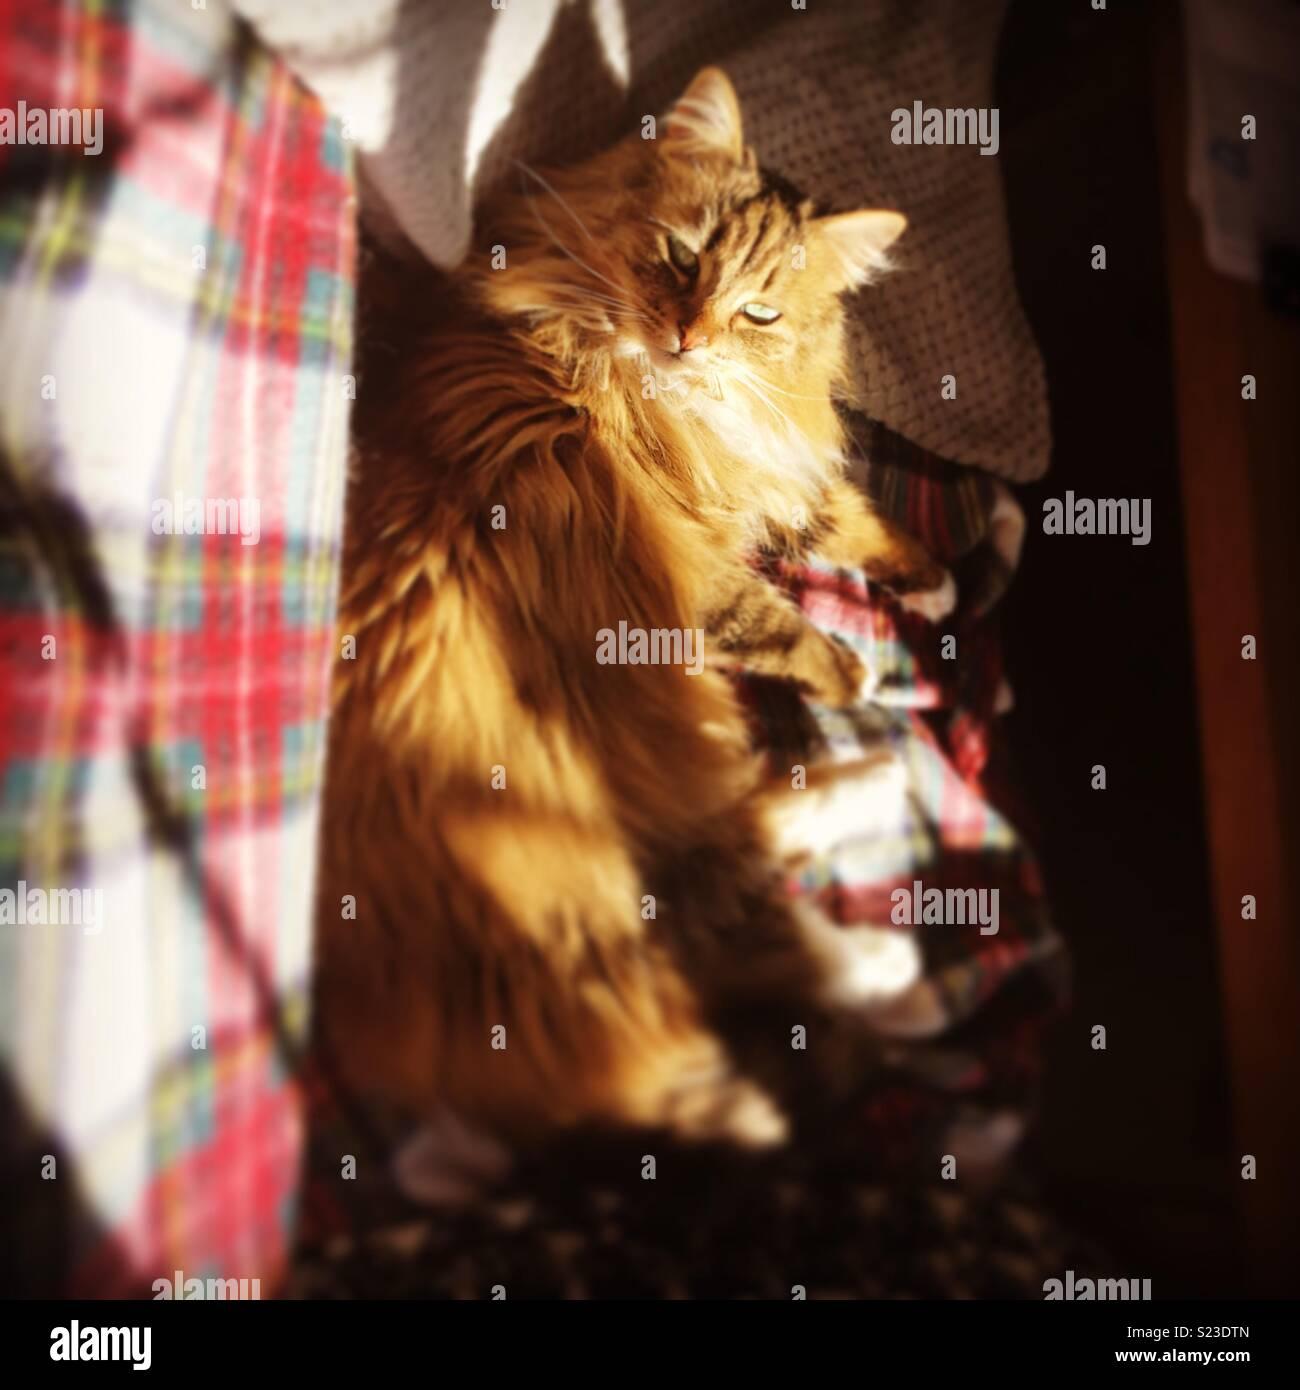 Fluffy cat enjoying the sunshine - Stock Image